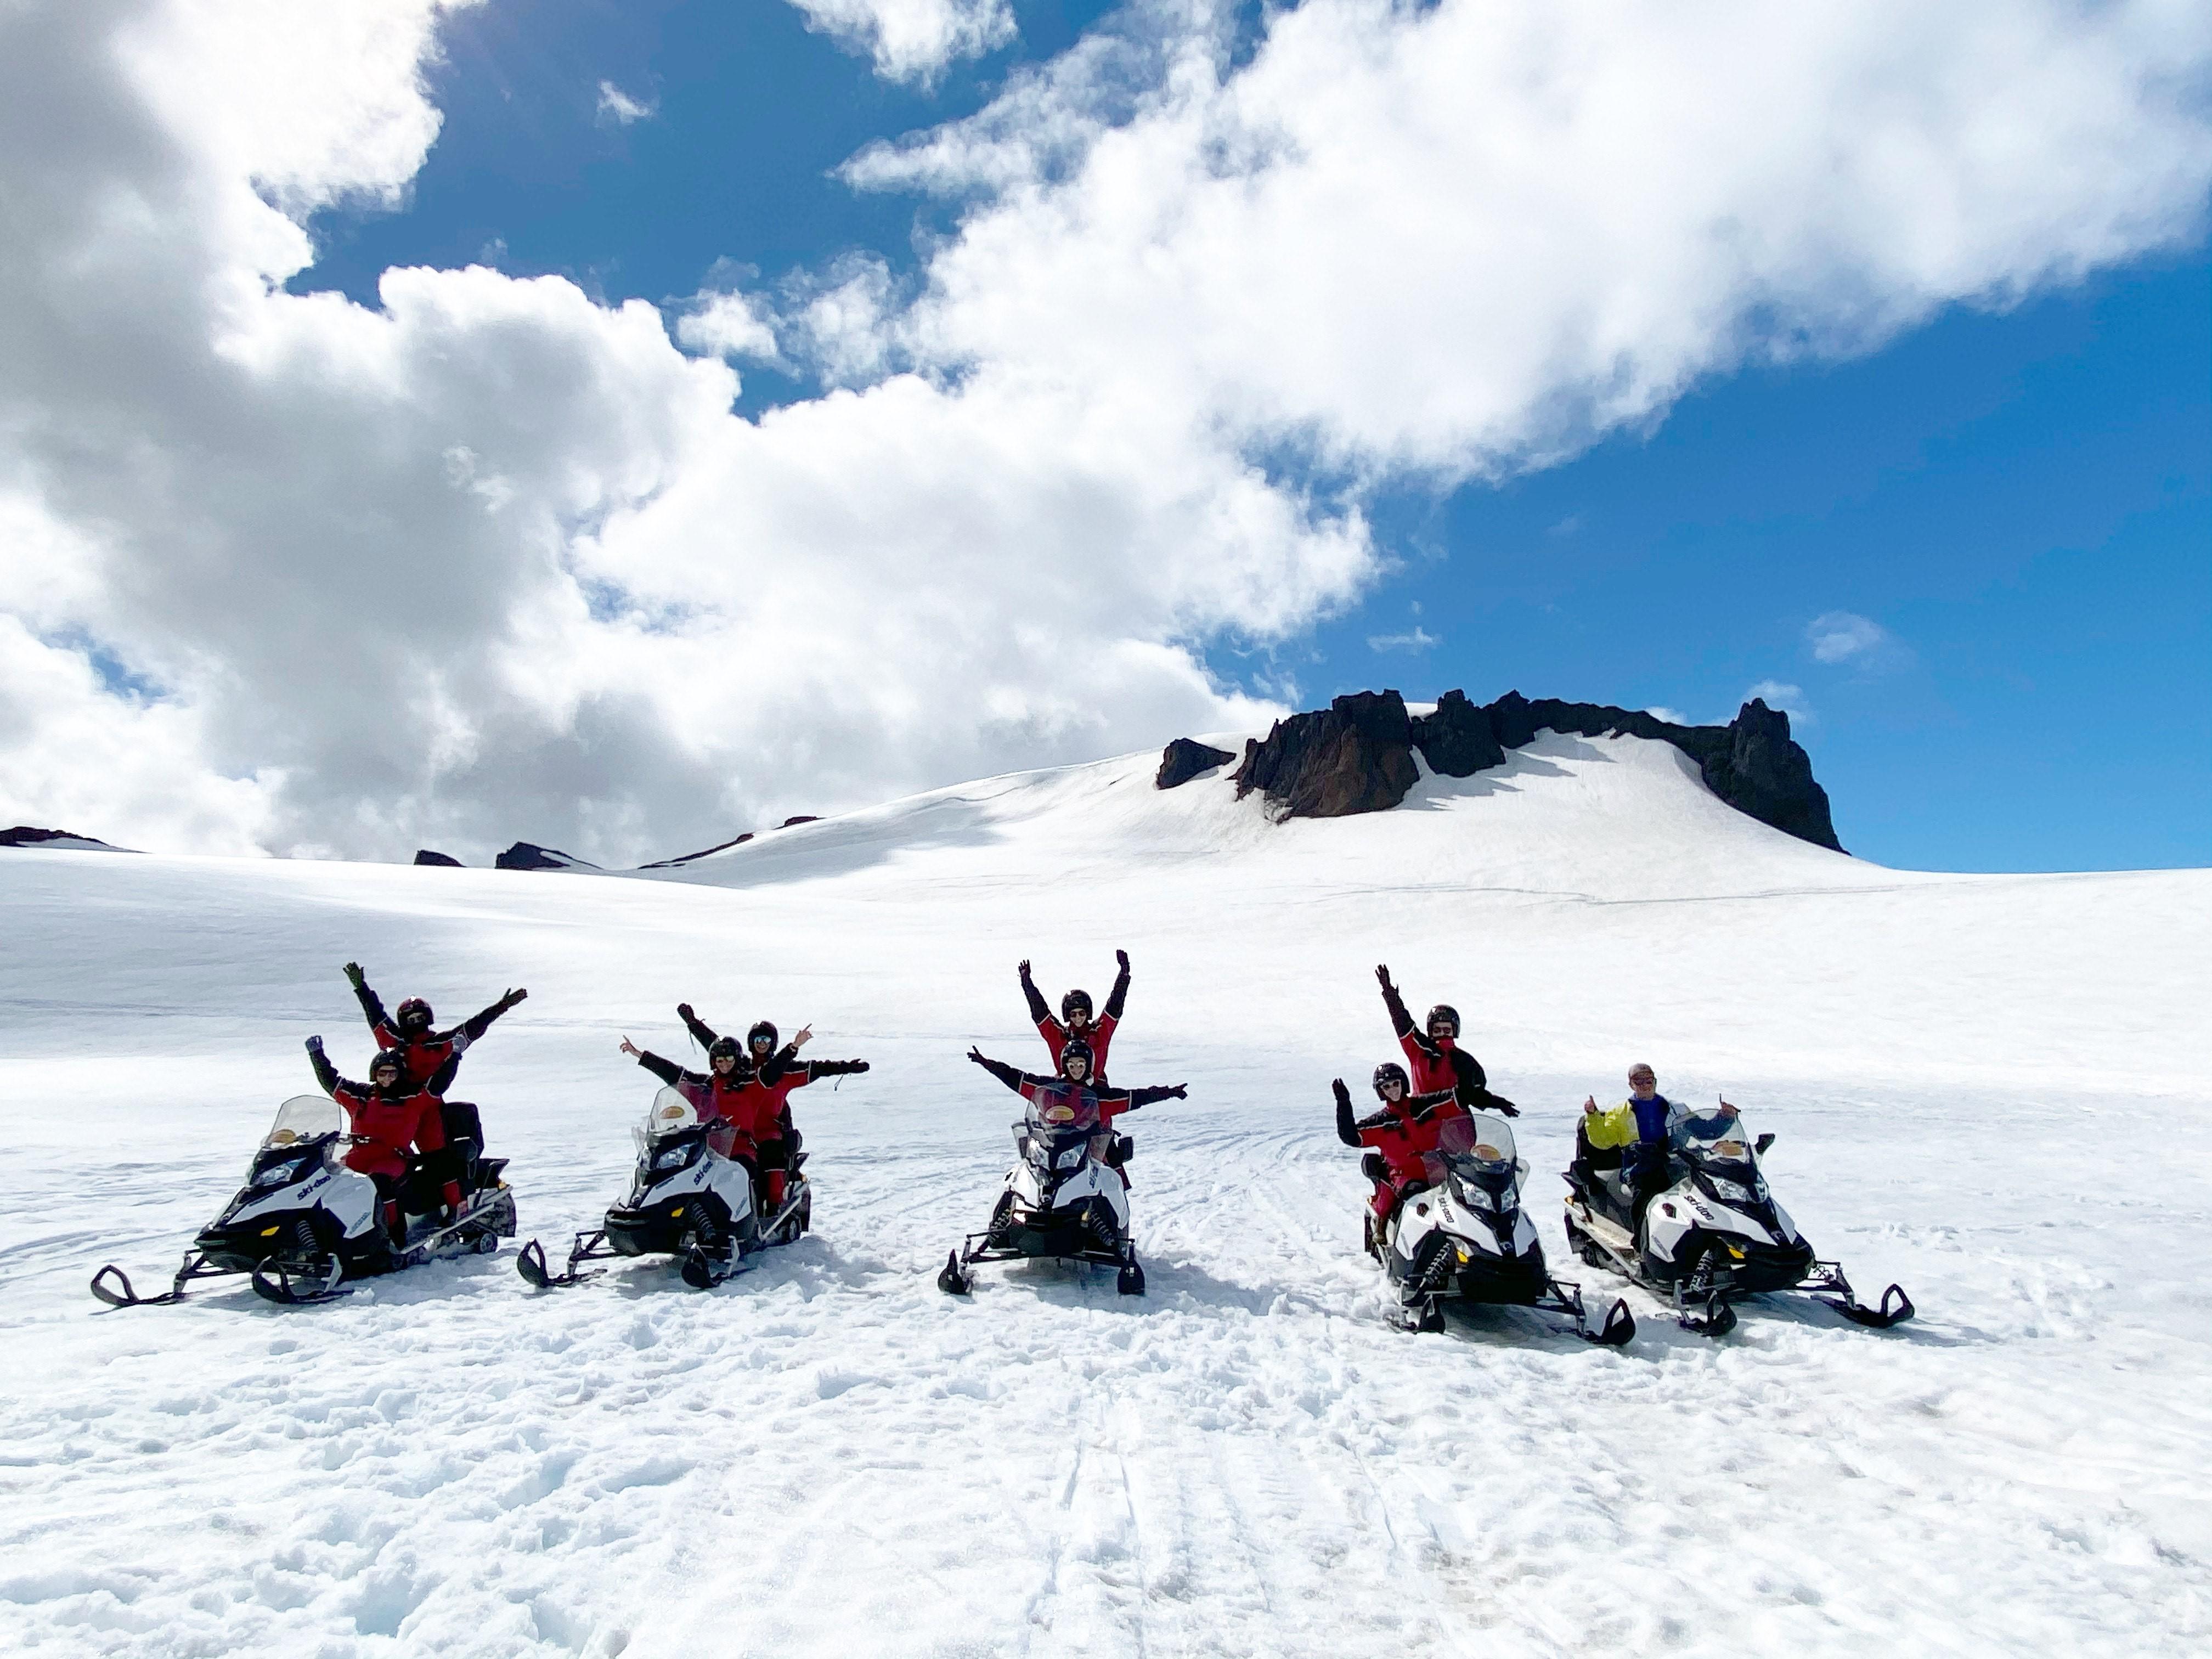 Sneeuwscootertocht op de Vatnajokull: de grootste gletsjer van Europa